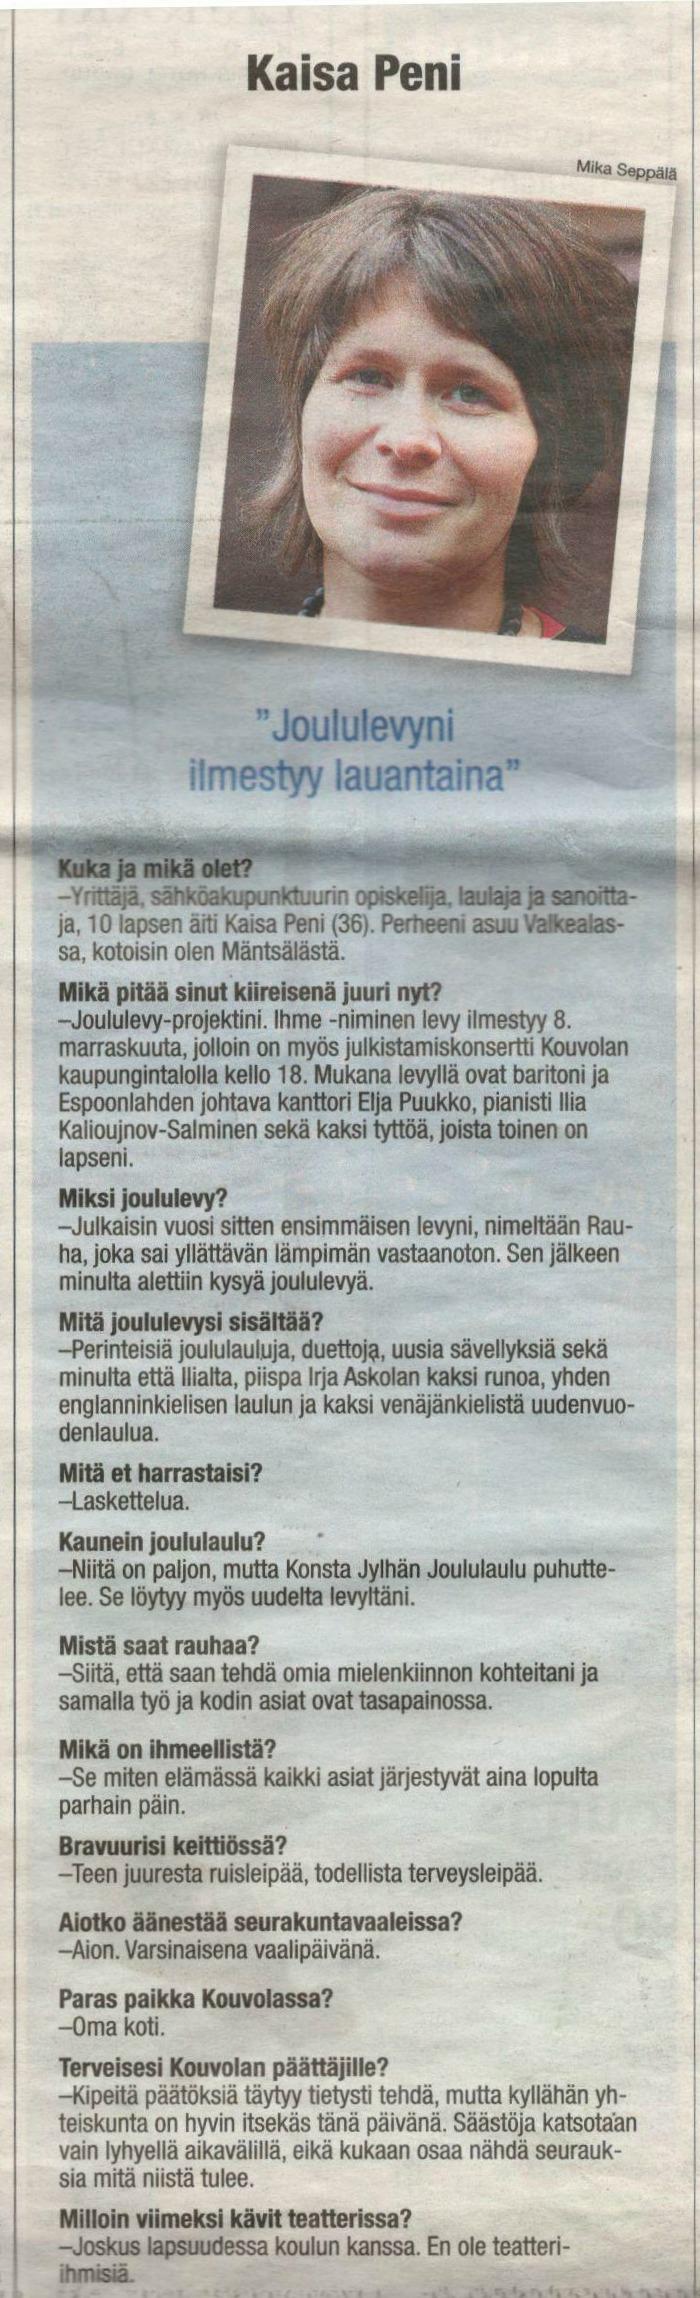 Kaisa pk 20142 004 korjattu